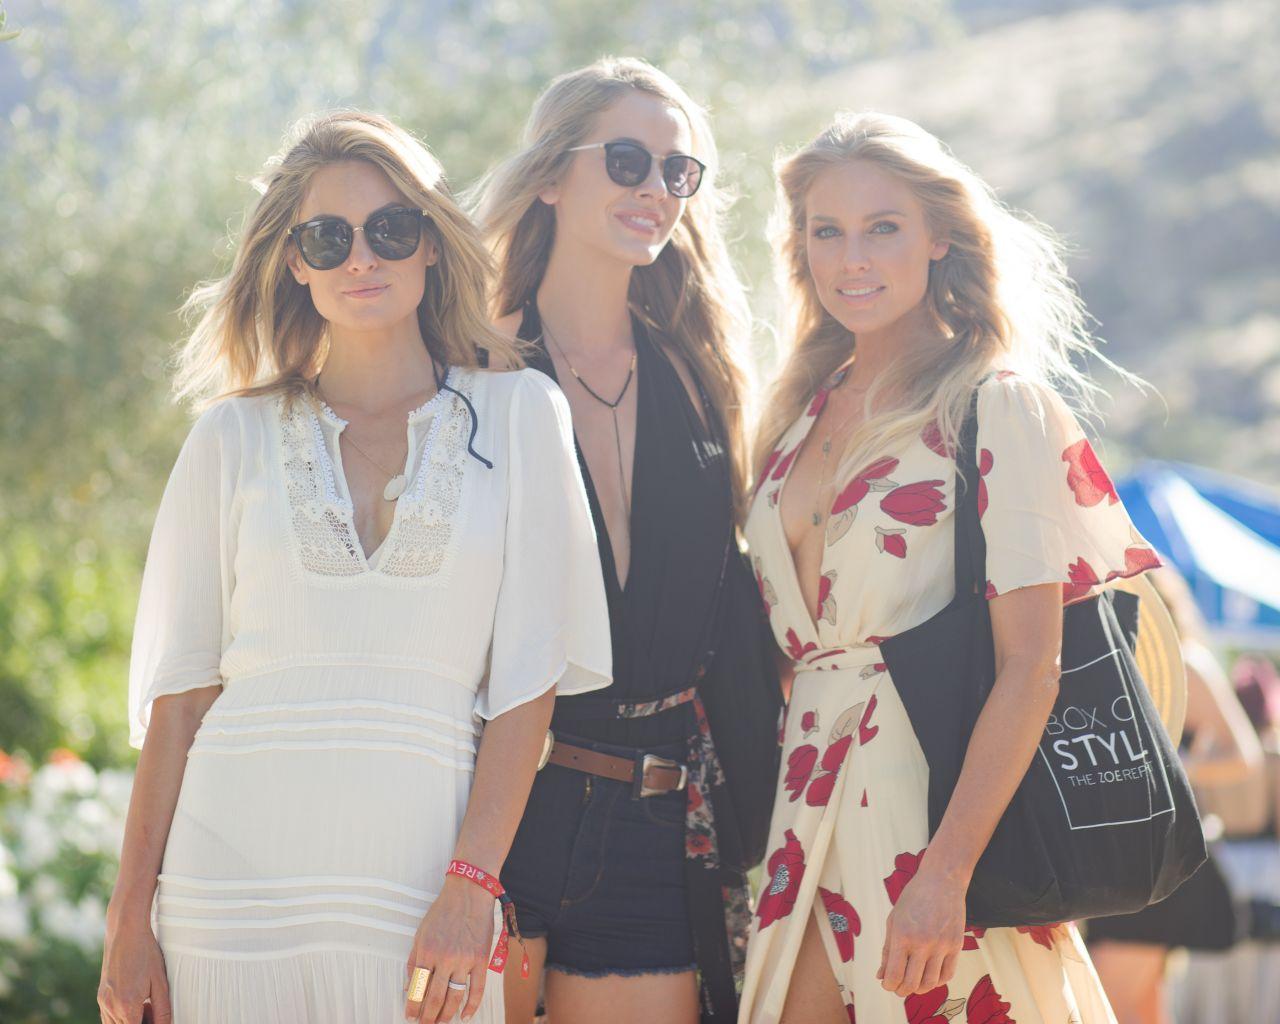 Olivia Jordan – Rachel ZOEasis at Coachella in Palm Springs, April 2017